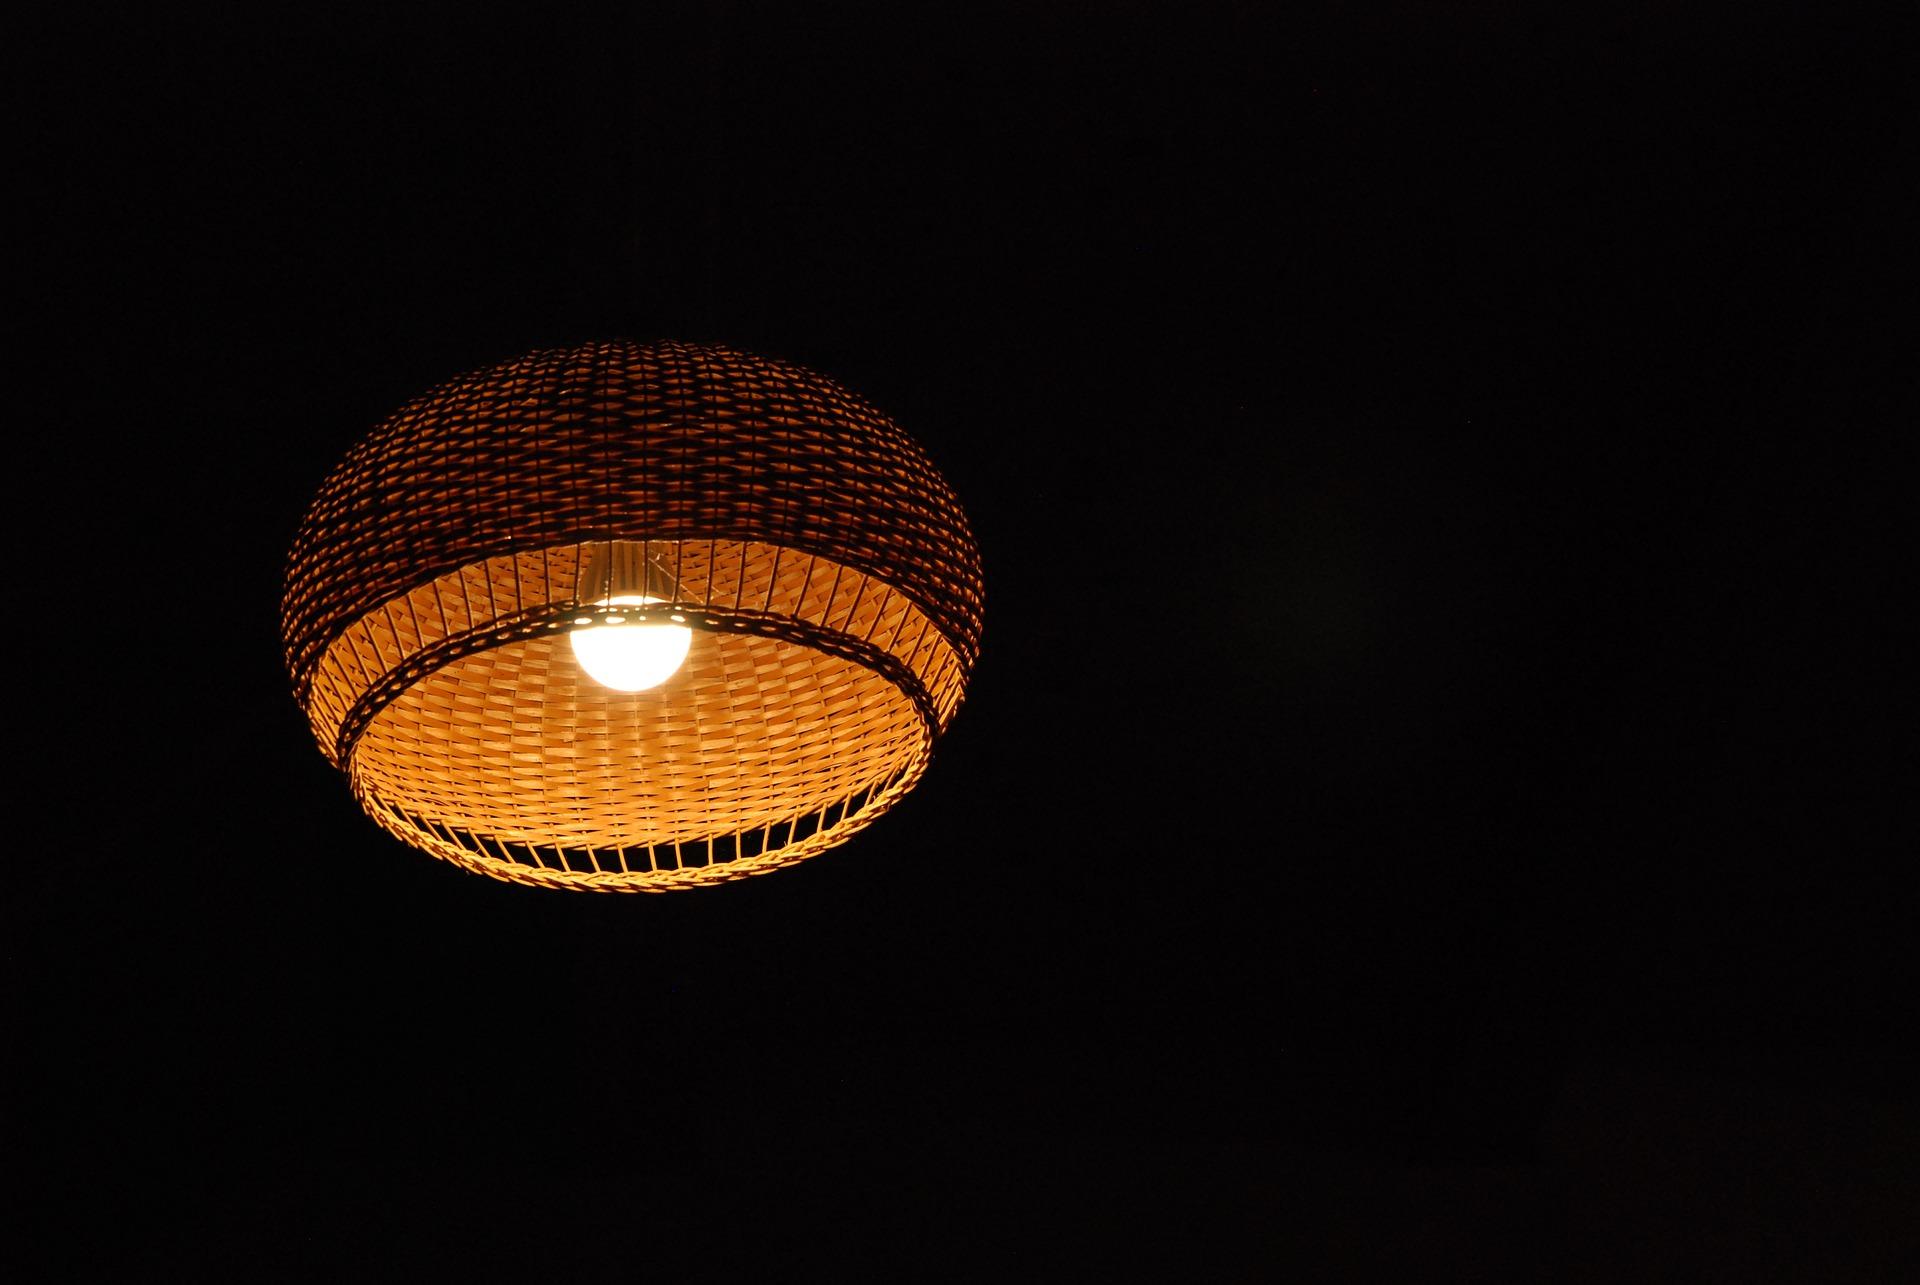 light-1942881_1920